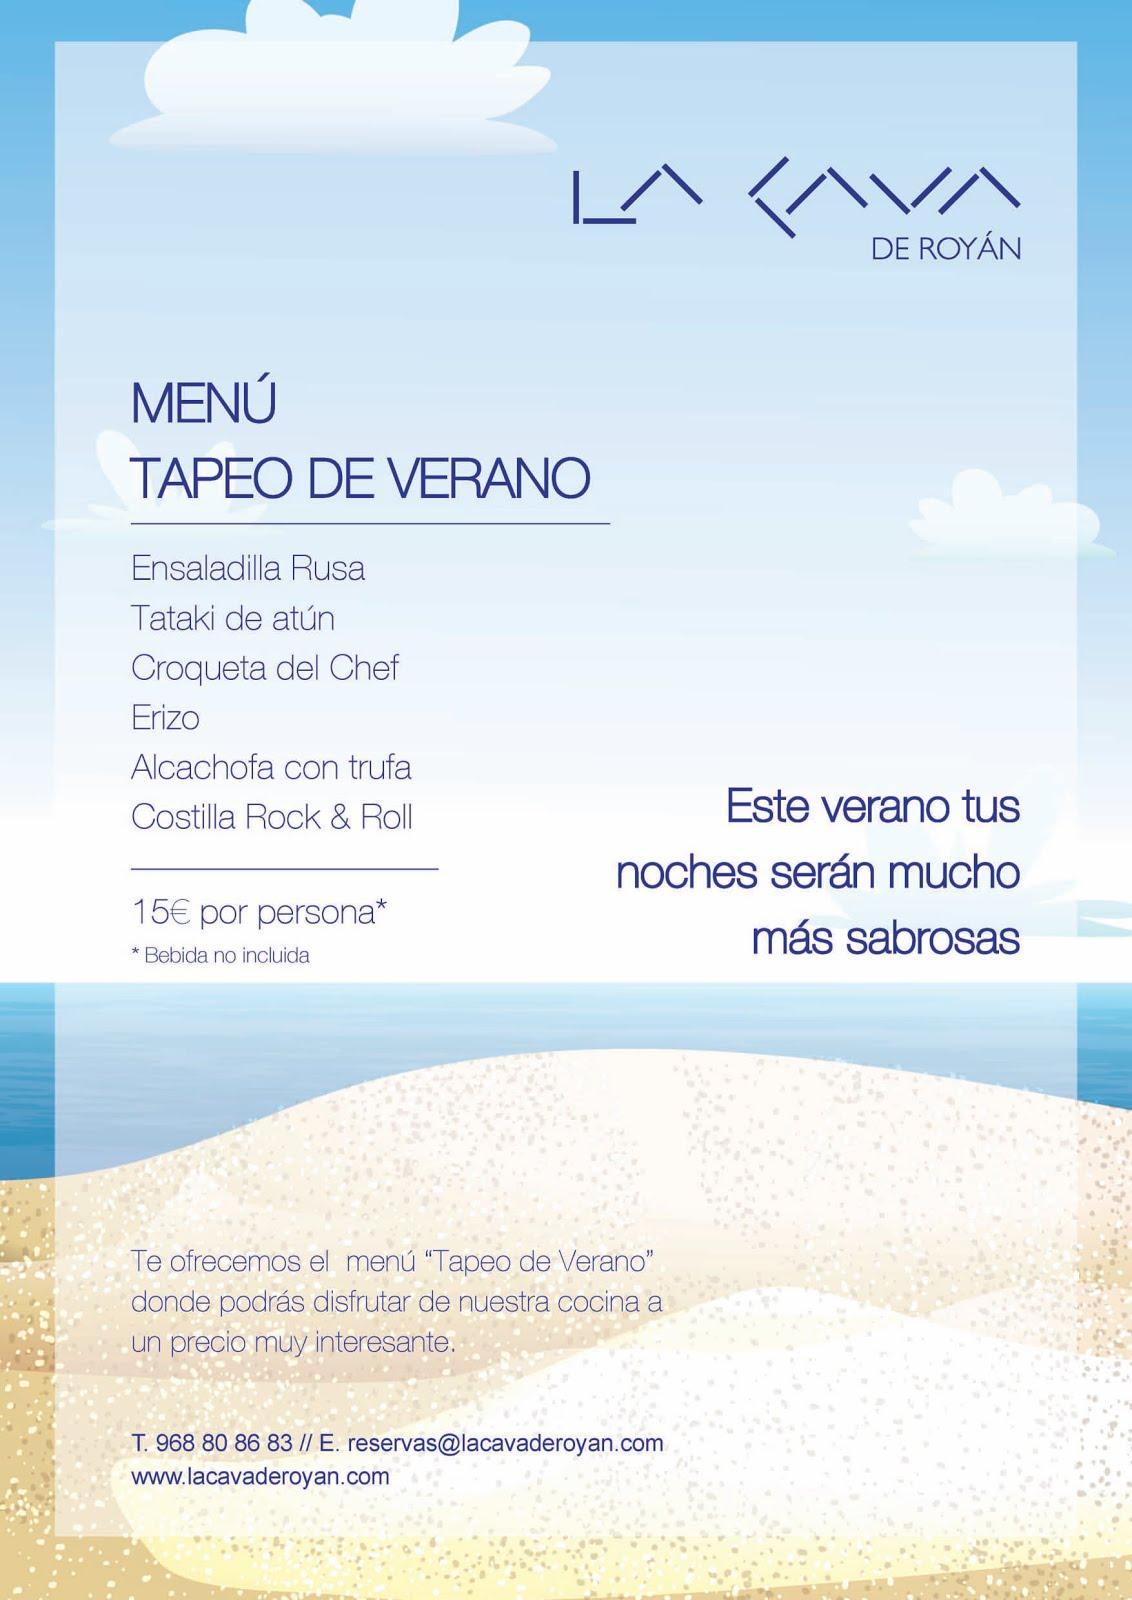 """Menú """"Tapeo de Verano"""" en La Cava de Royán"""